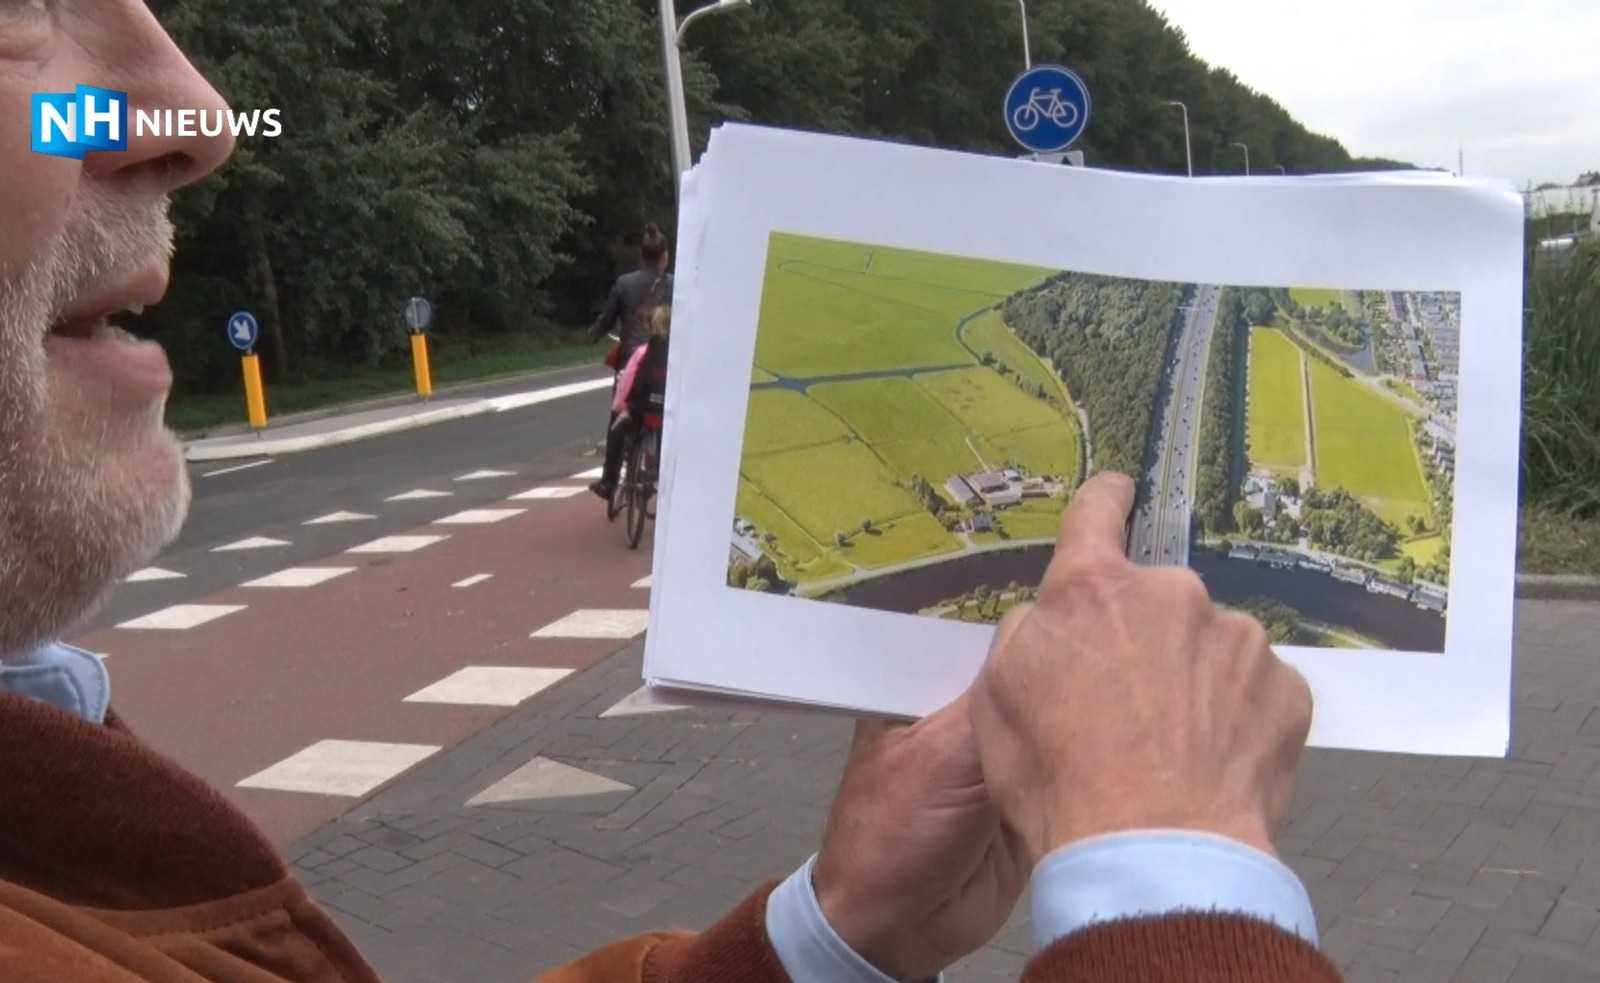 Лесной массив, подлежавший вырубке. Кадр из видео NH Nieuws.